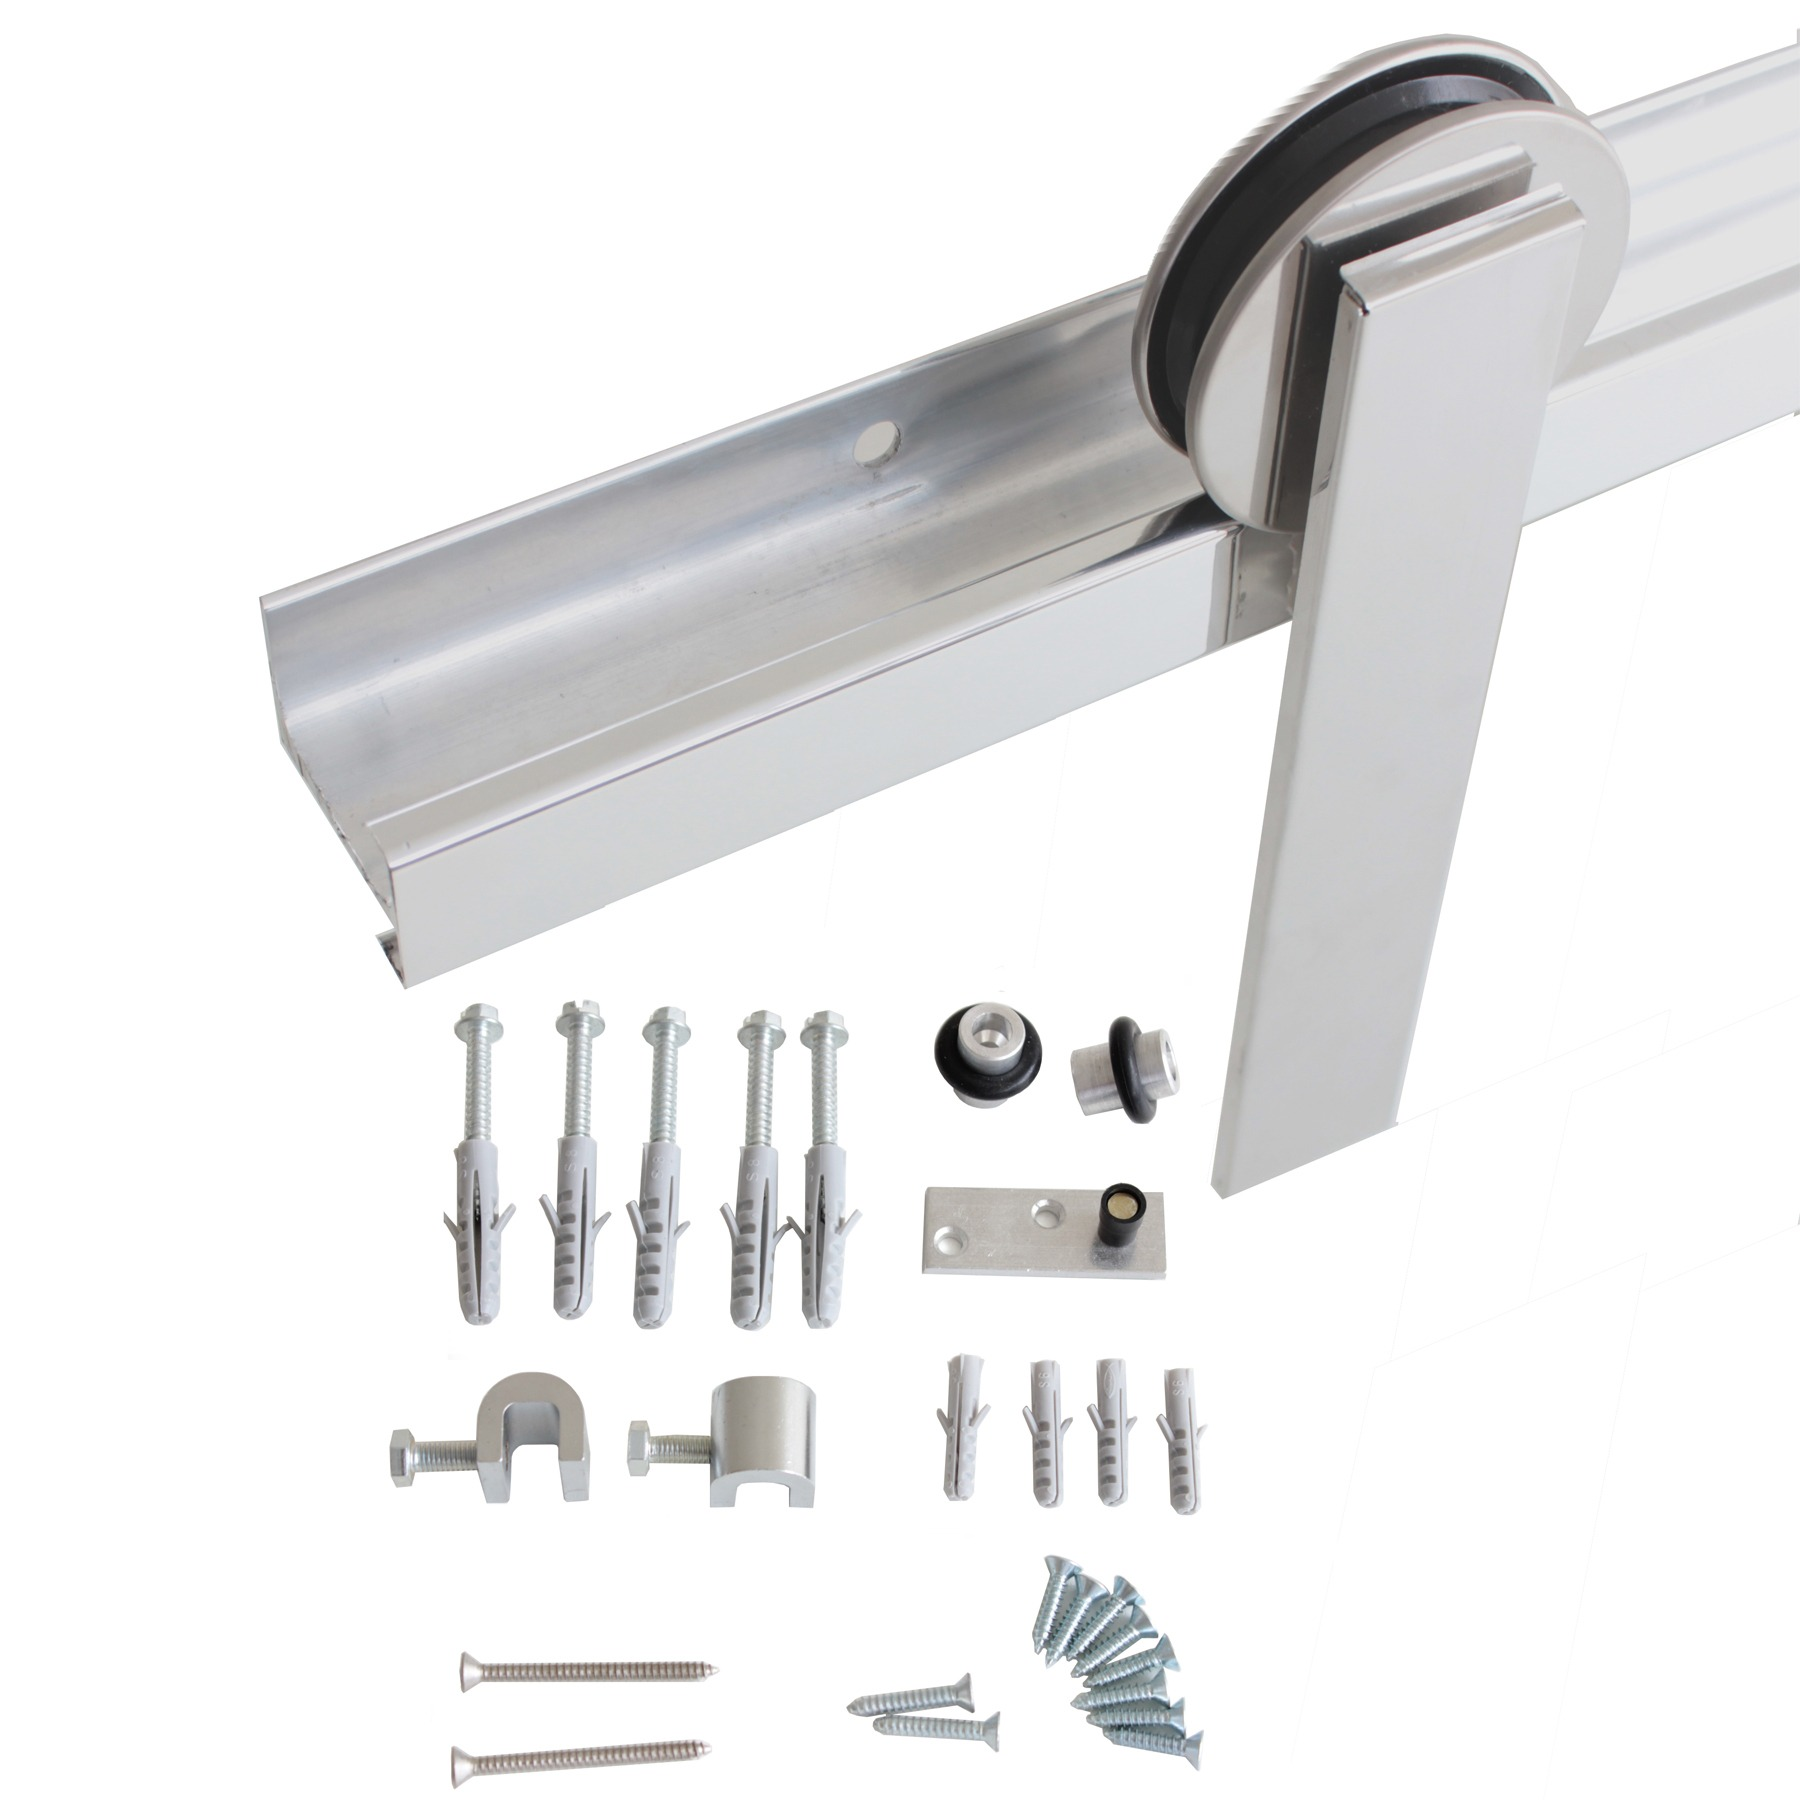 Kit Geris Alumínio Para Porta de Madeira Escovada -H401ae